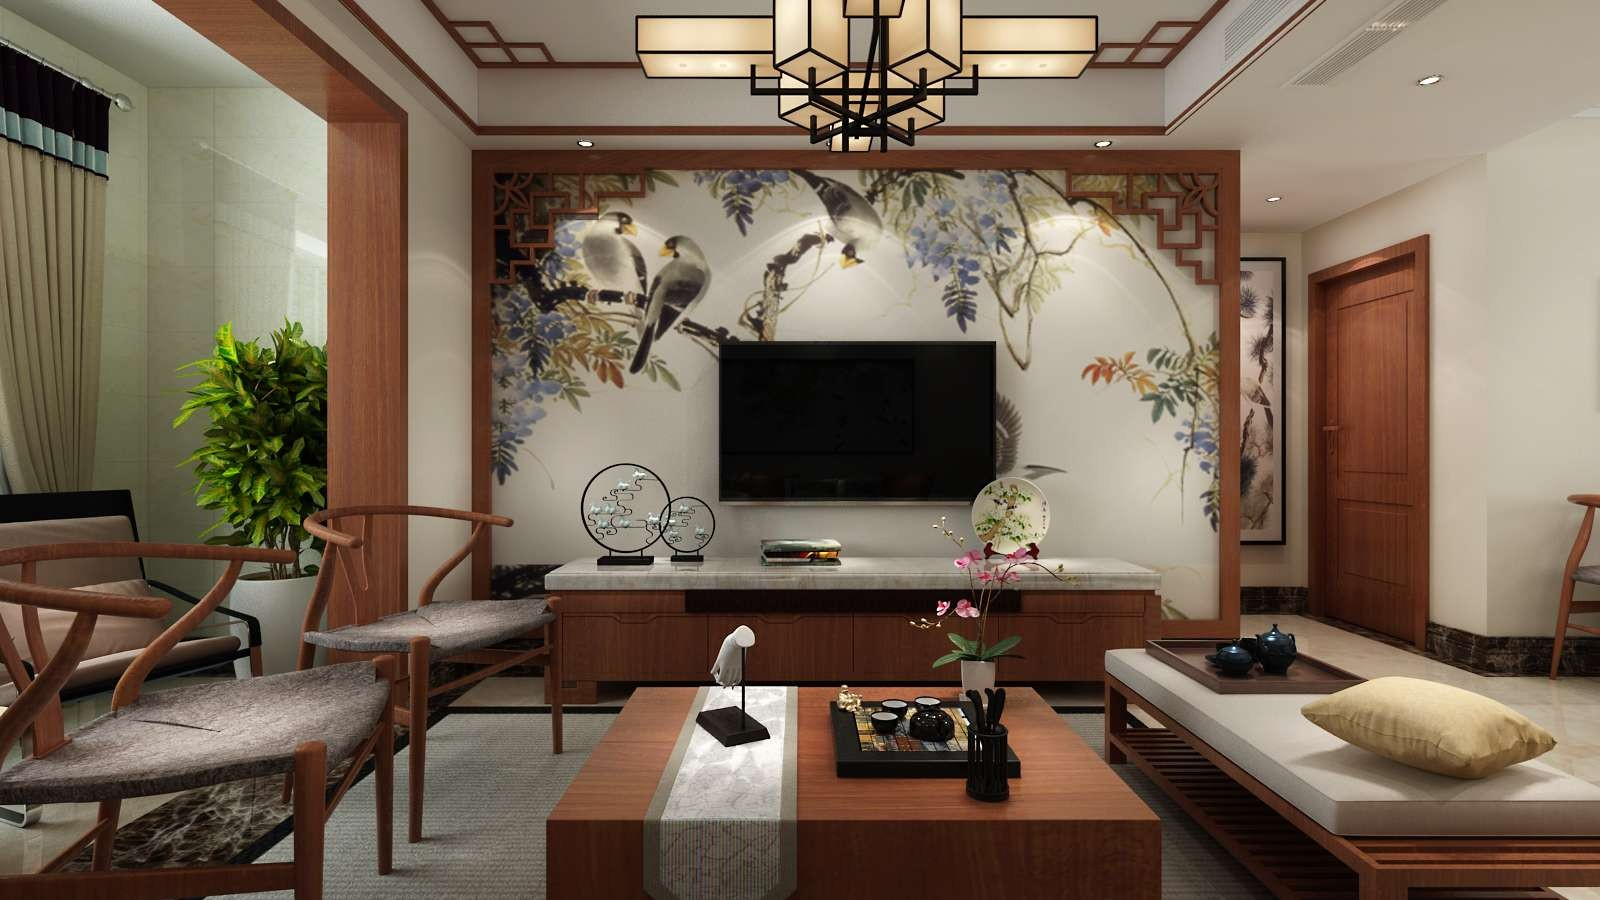 110平米新中式电视背景墙装修效果图